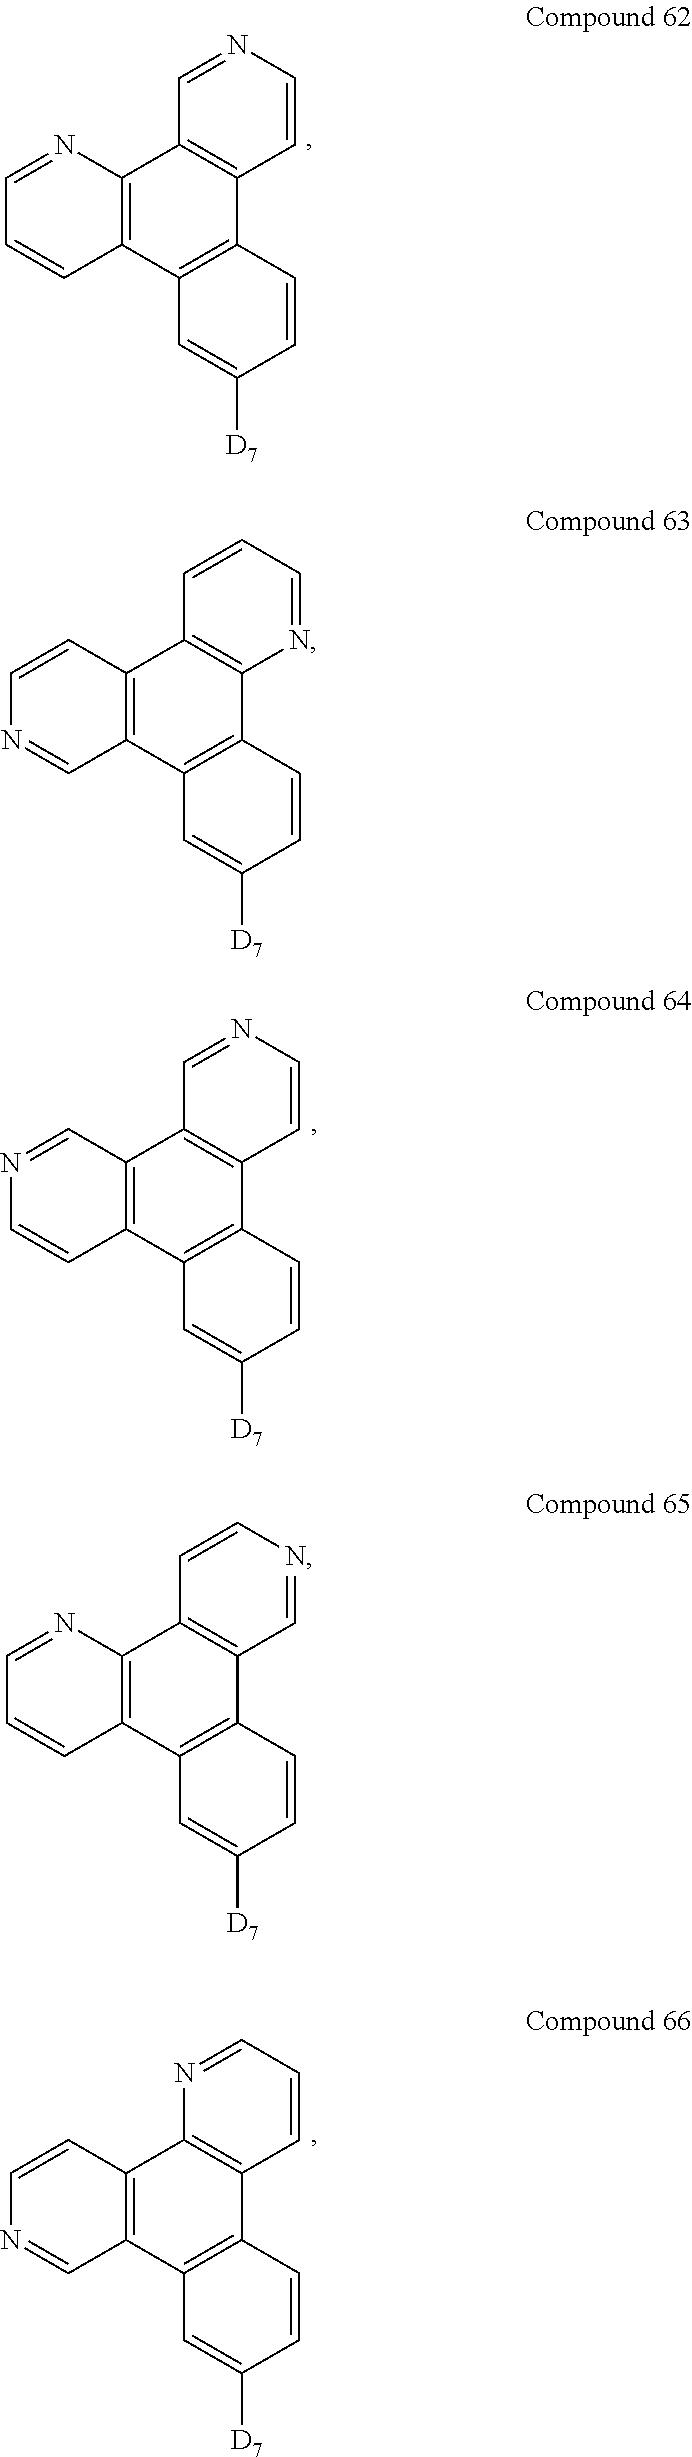 Figure US09537106-20170103-C00065